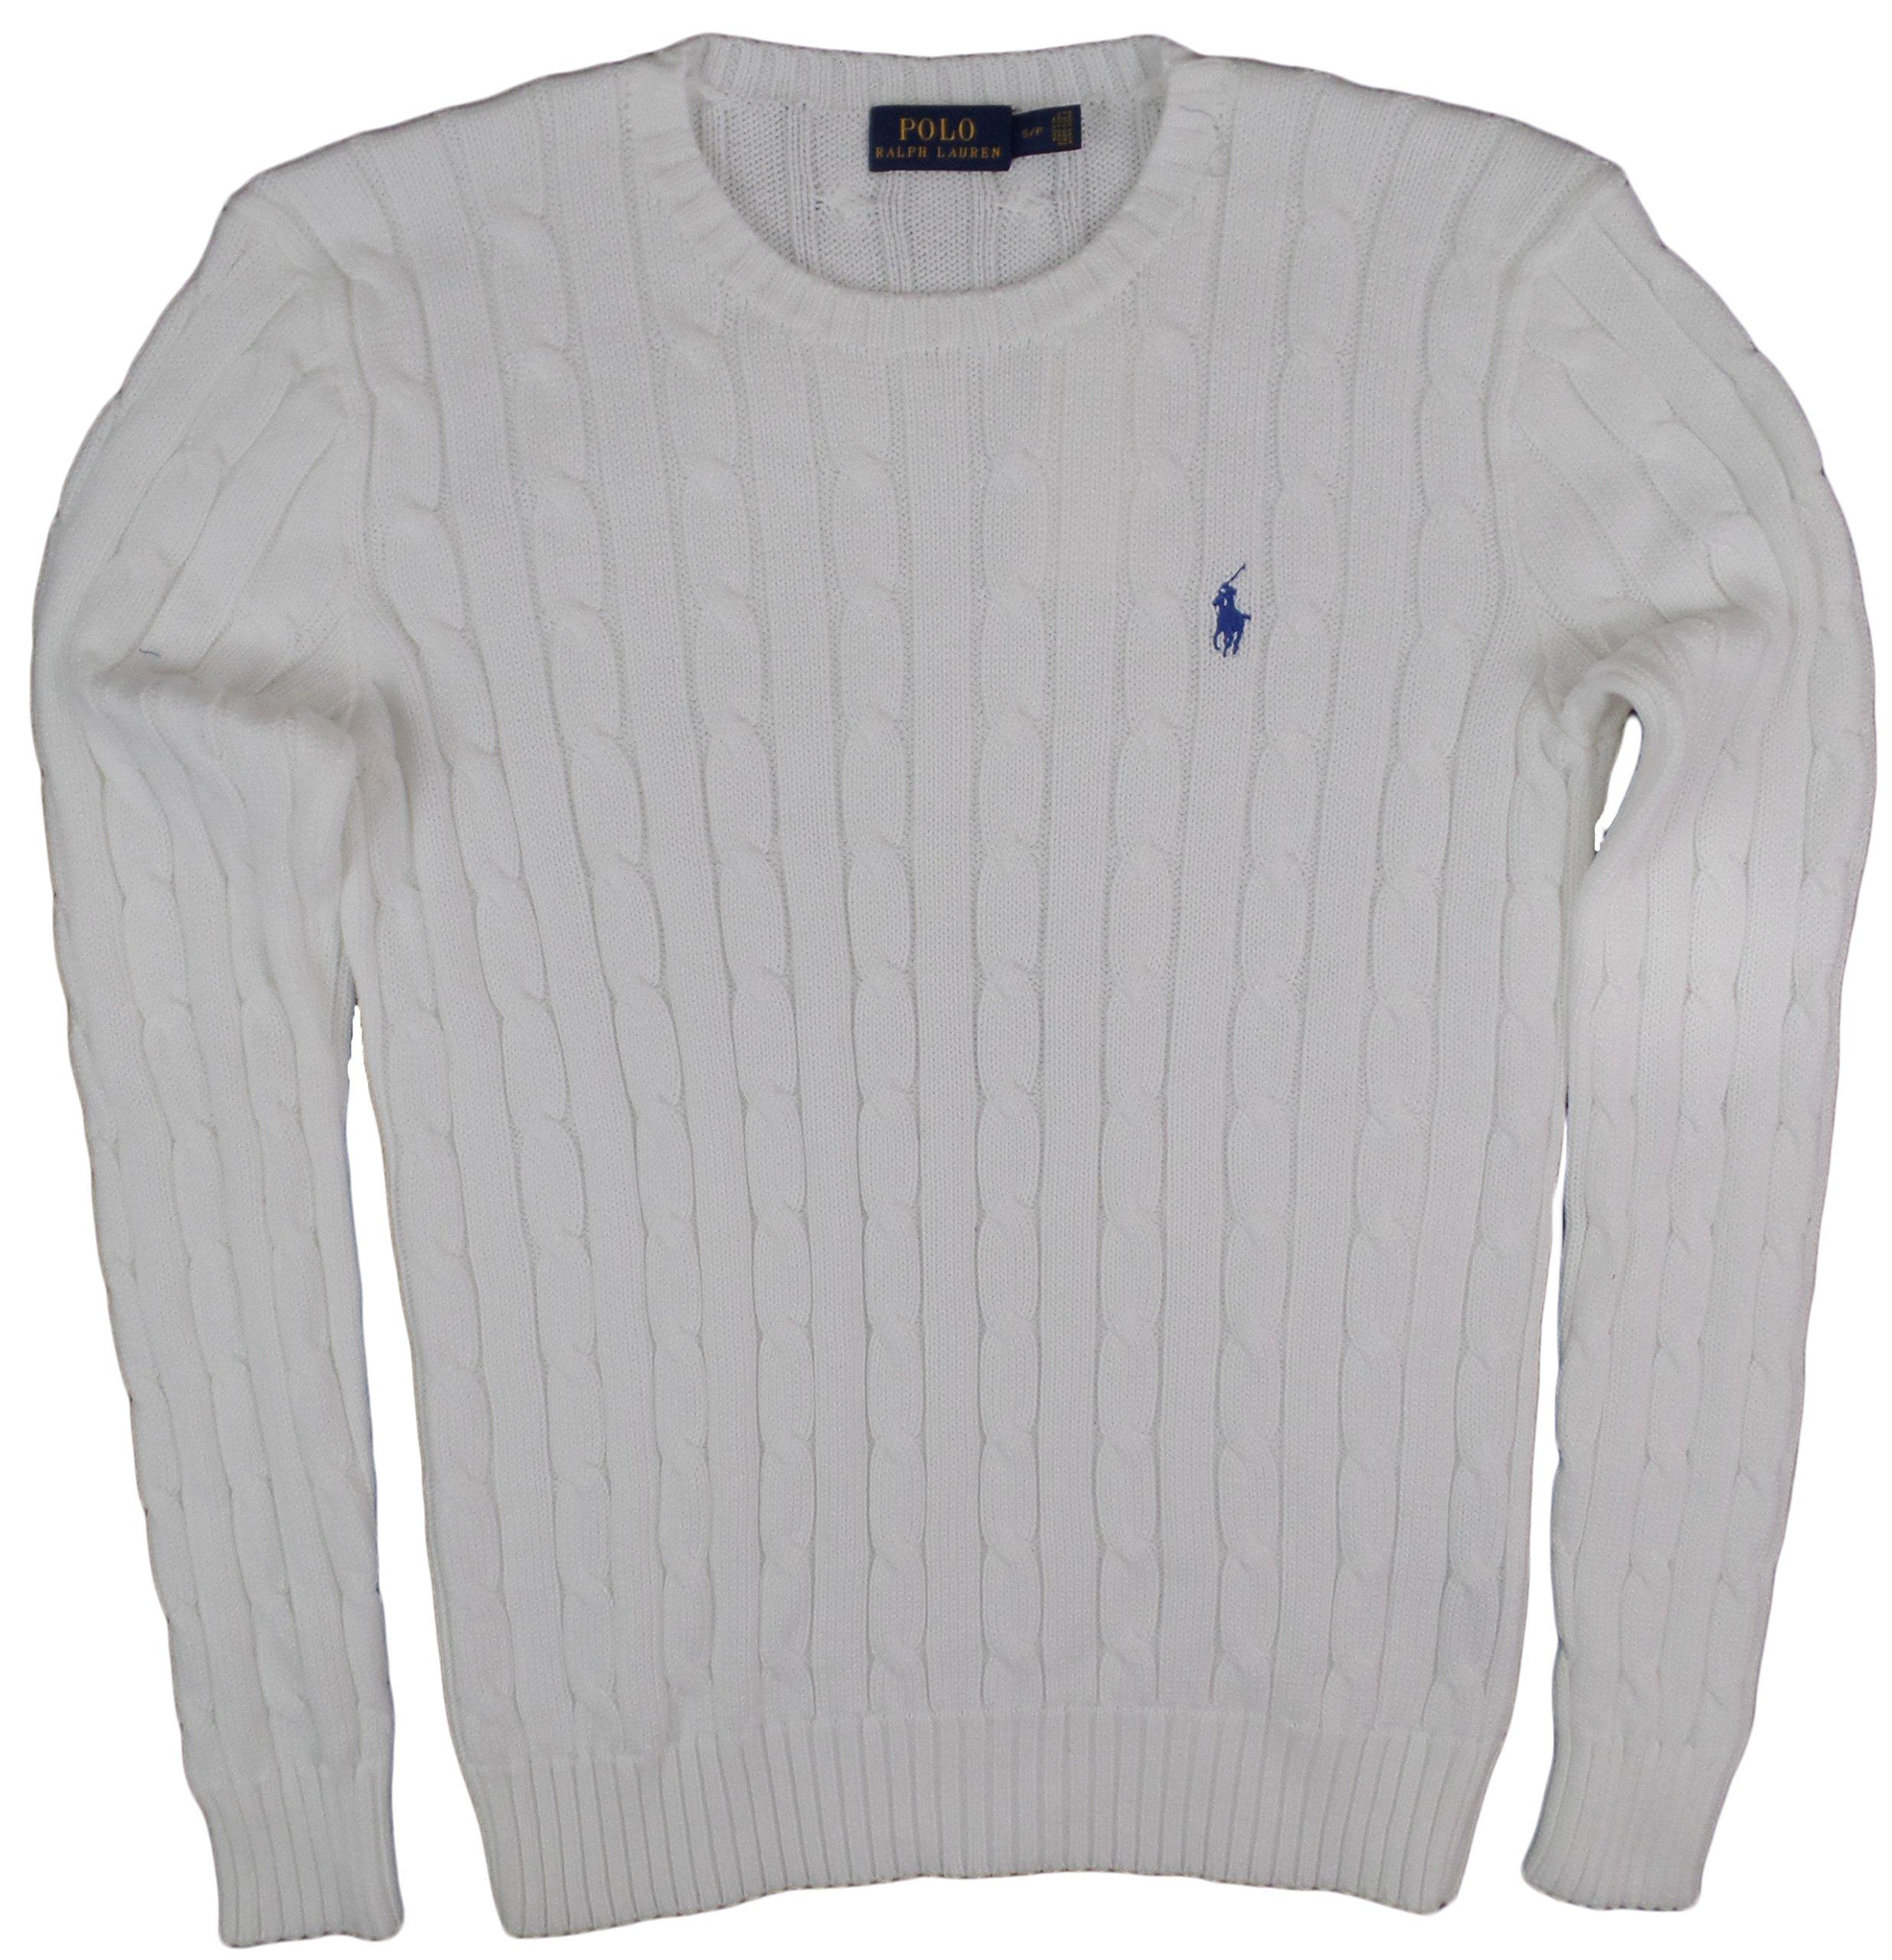 Ralph Lauren Women's Crewneck Cable Knit Pony Logo Sweater (L, White)